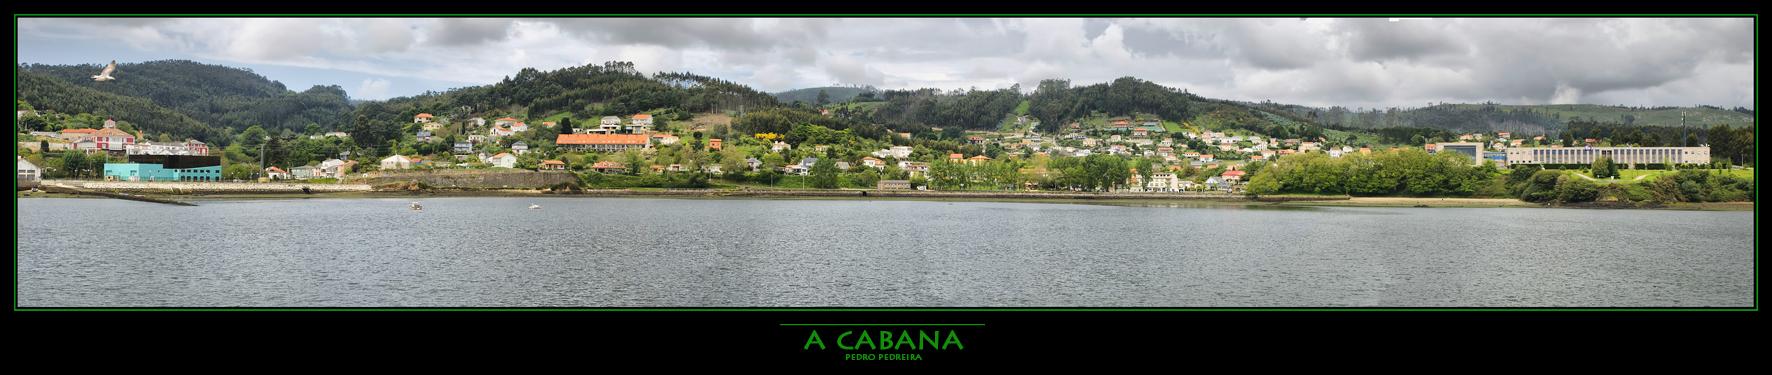 Foto playa A Graña. Panoramica de A Cabana